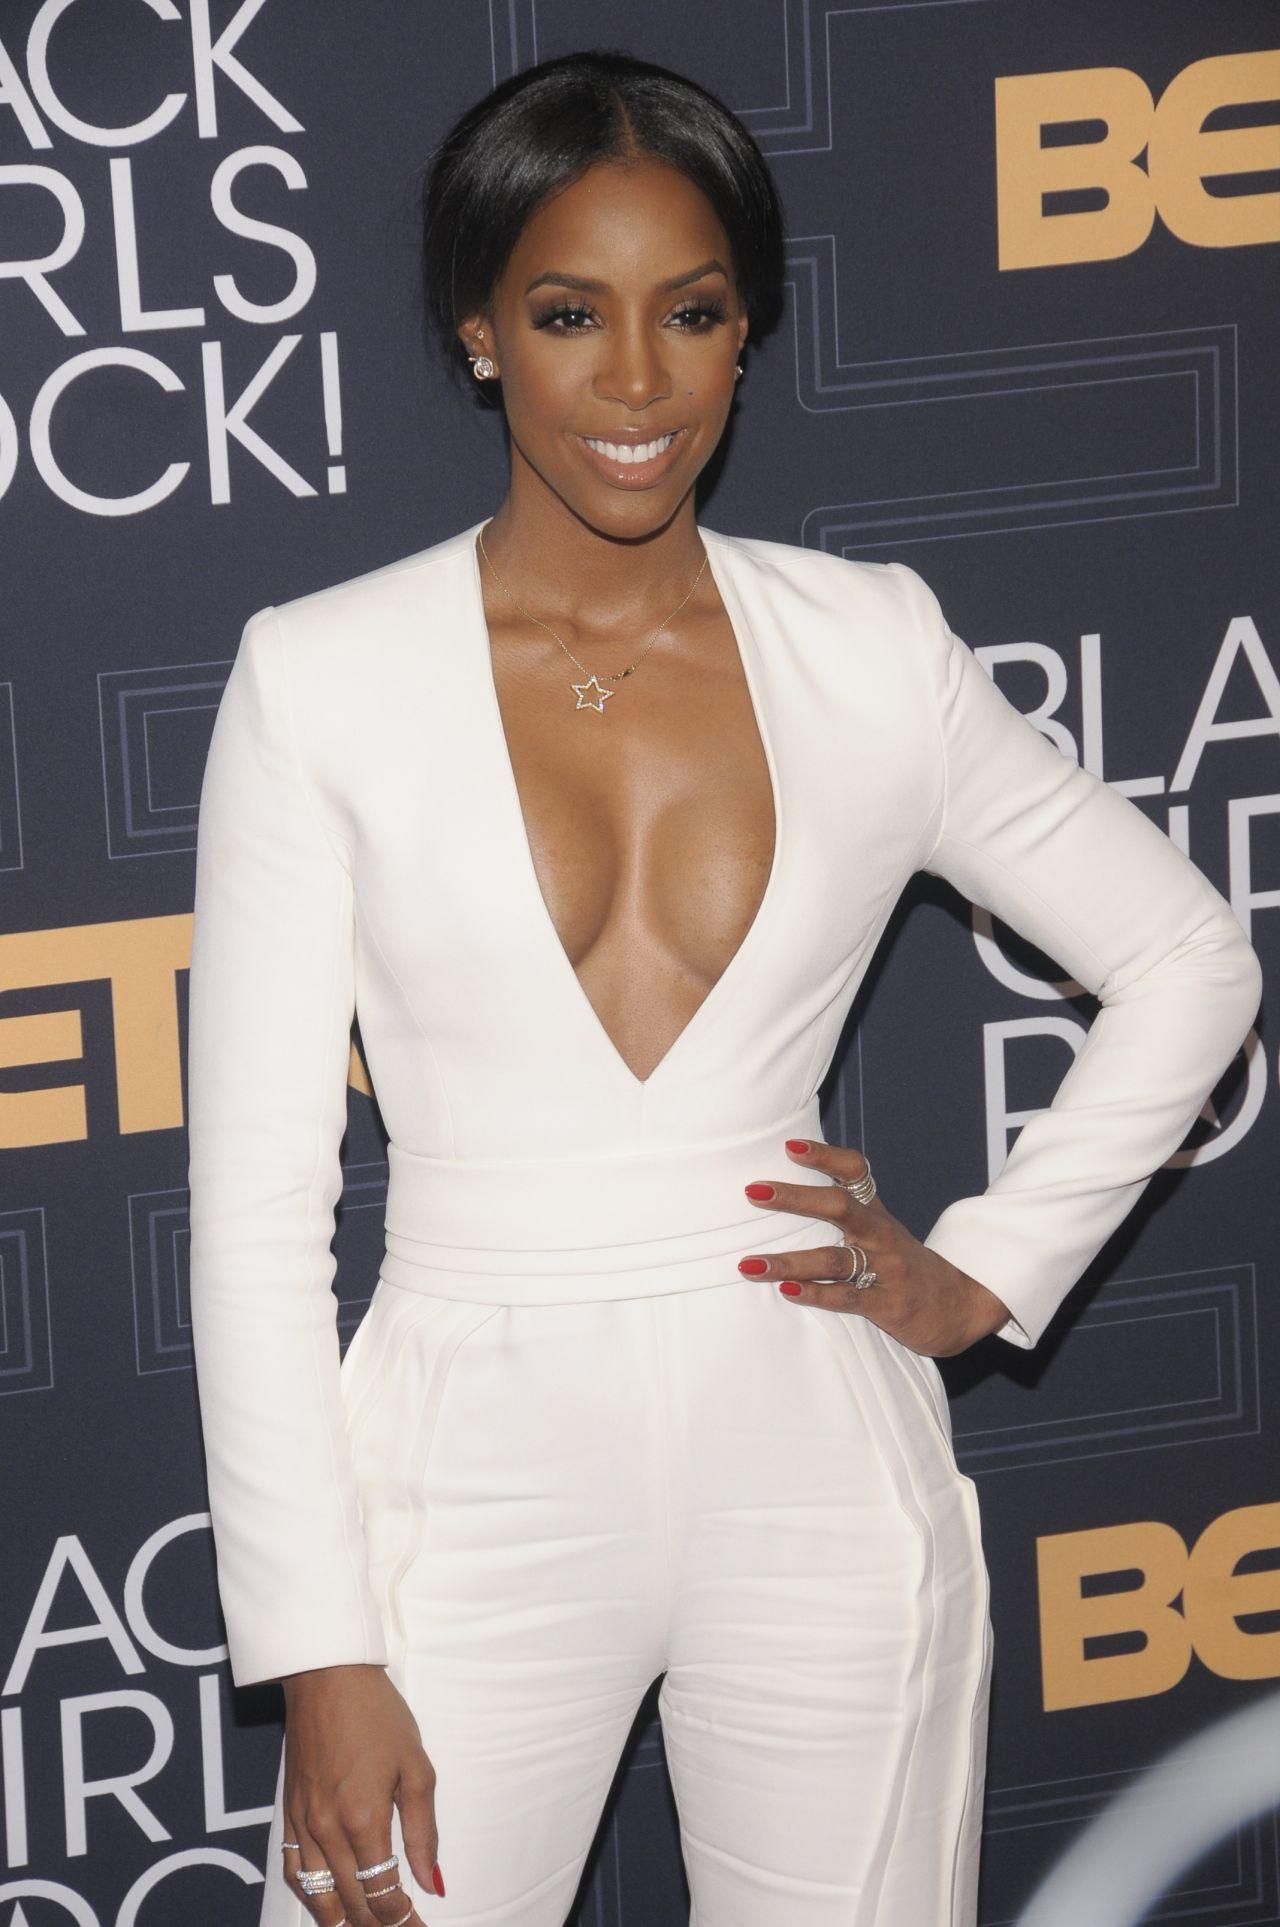 Kelly Rowland - Bet Black Girls Rock In Newark 412016-5740